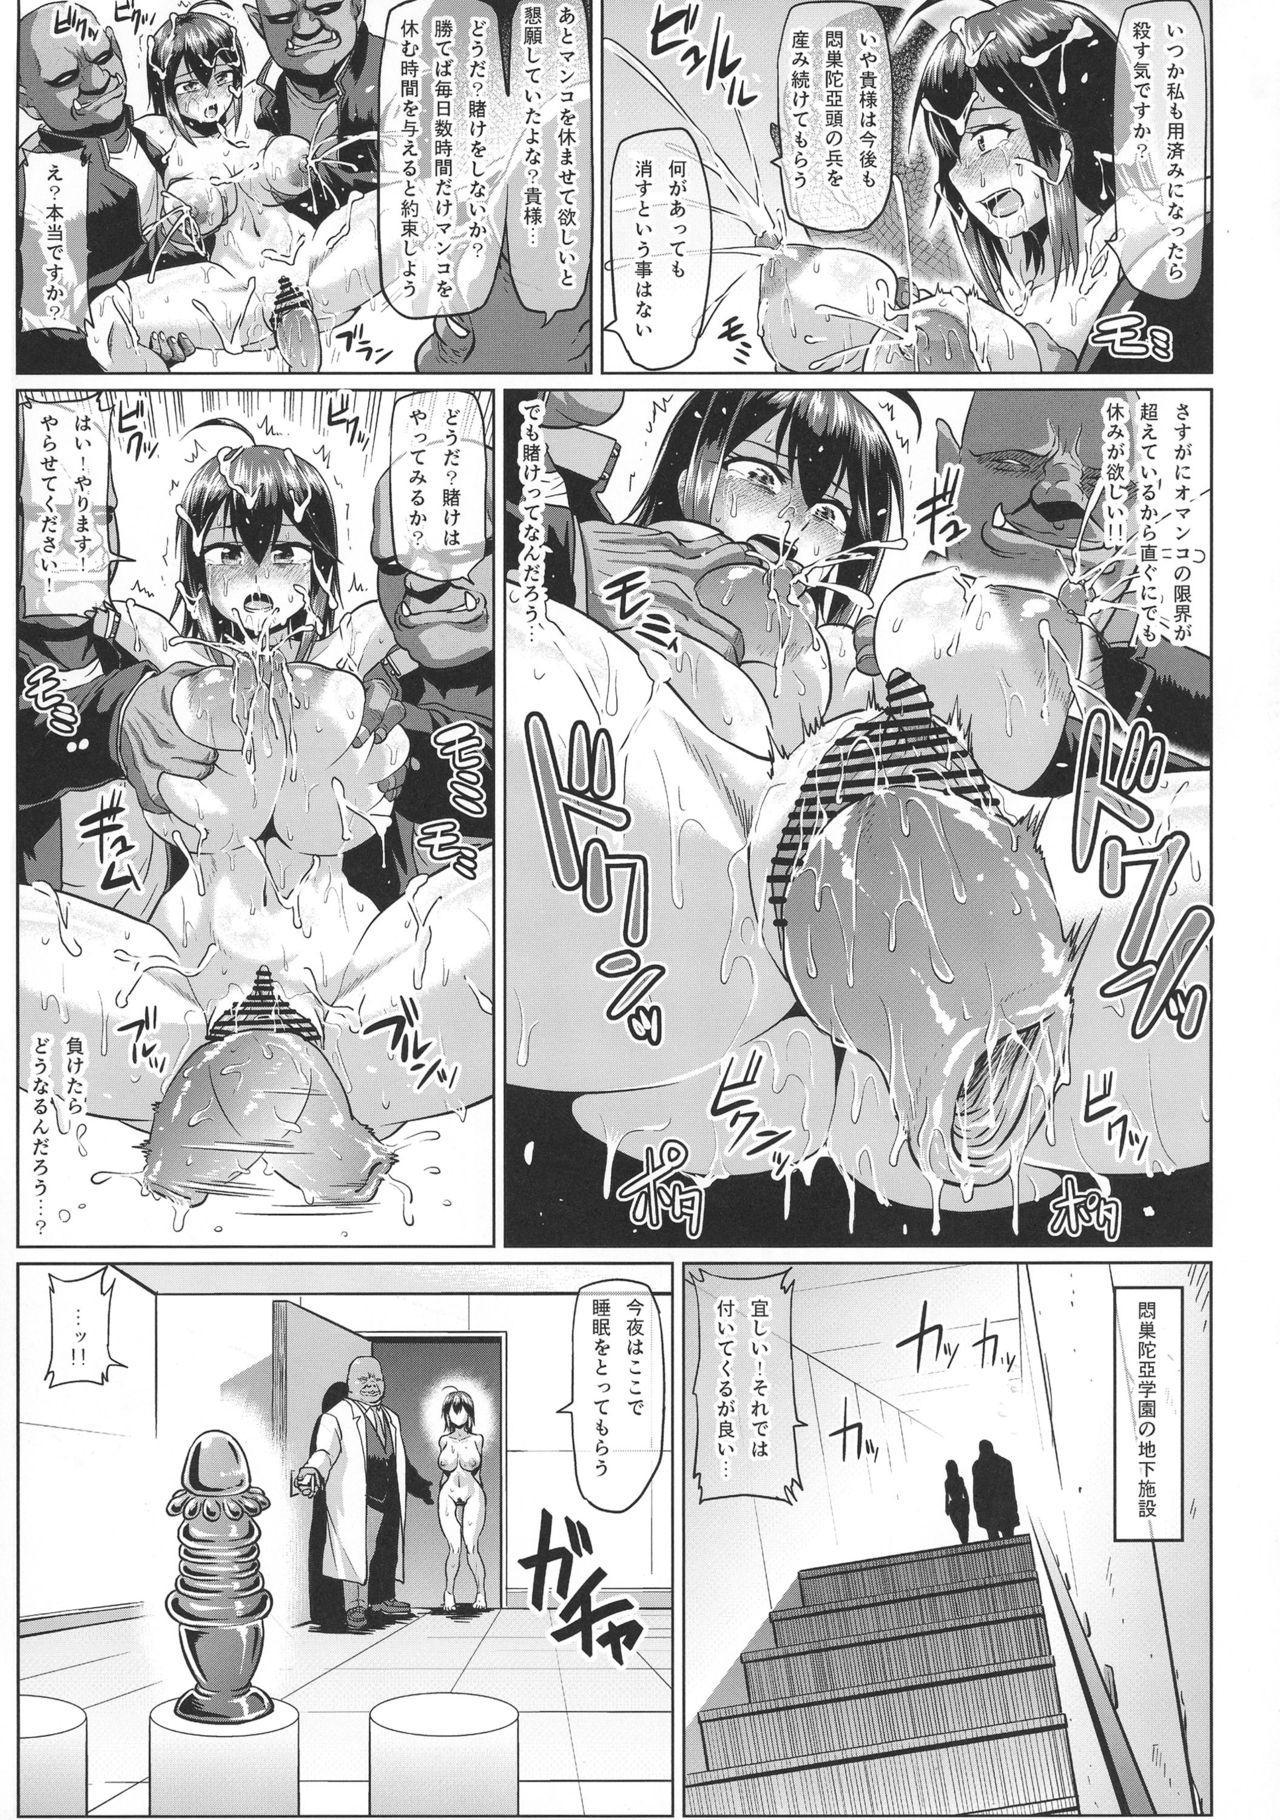 Roshutsu Kaijin Flasher Girl 12